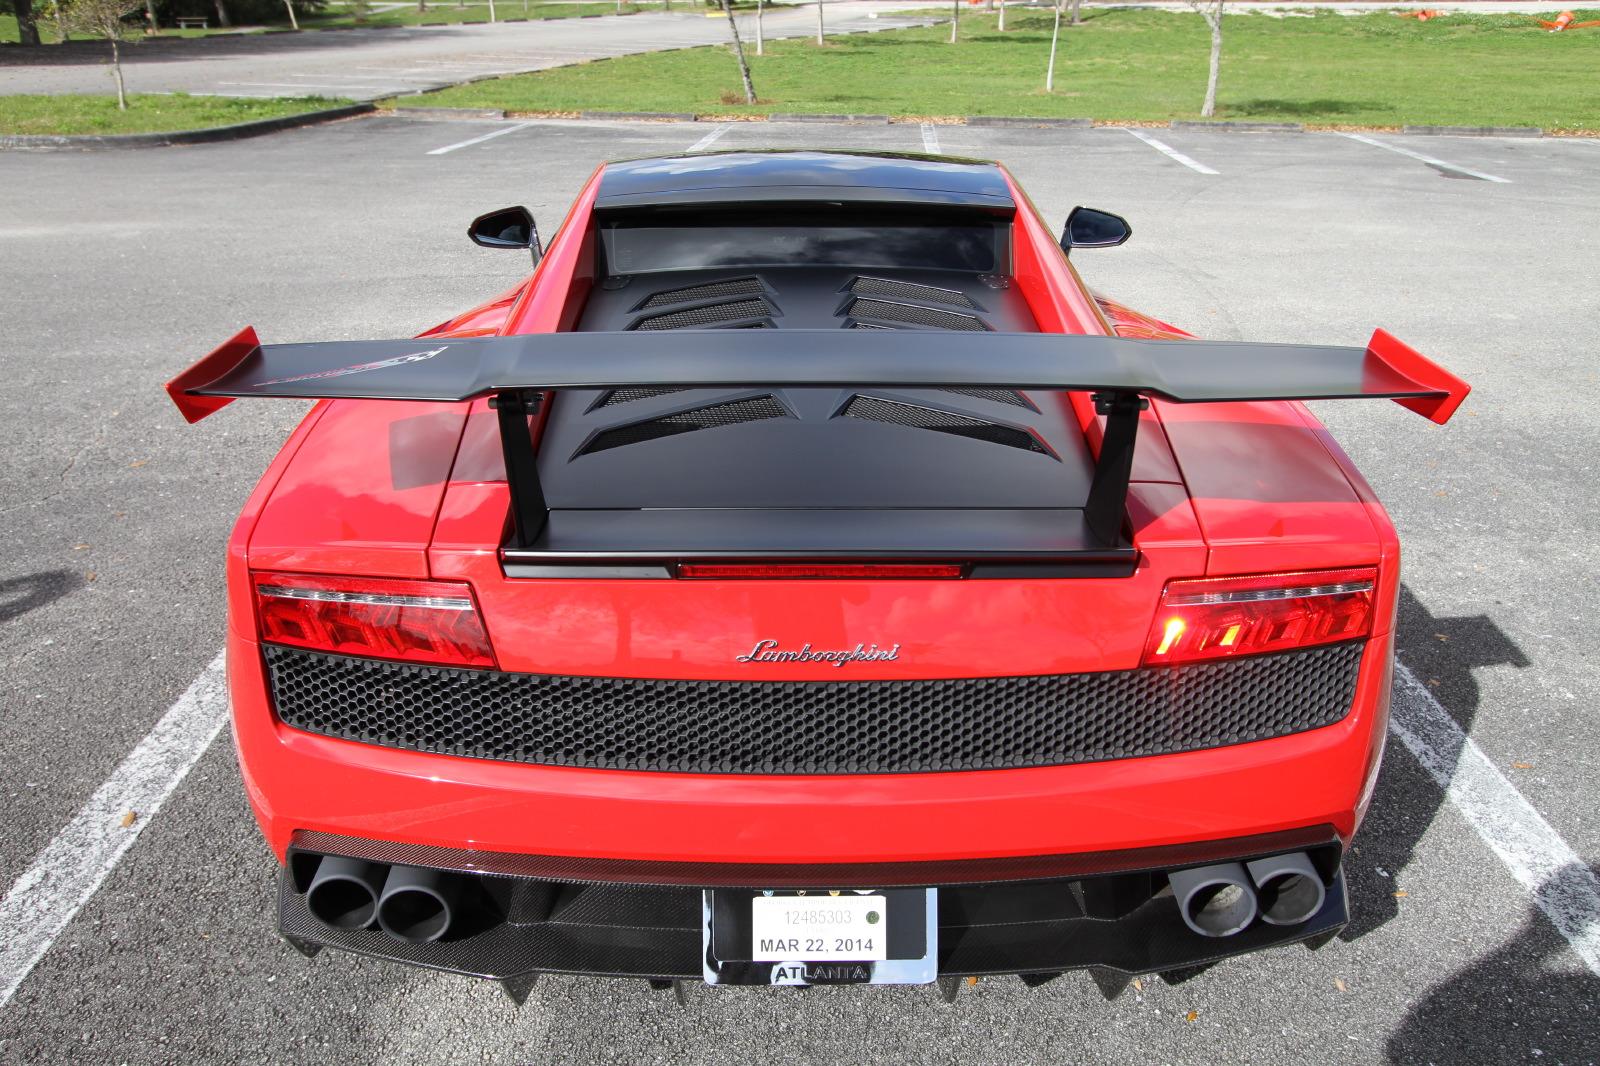 2012-lamborghini-lp570-4-super-trofeo-stradale-rosso-mars-011